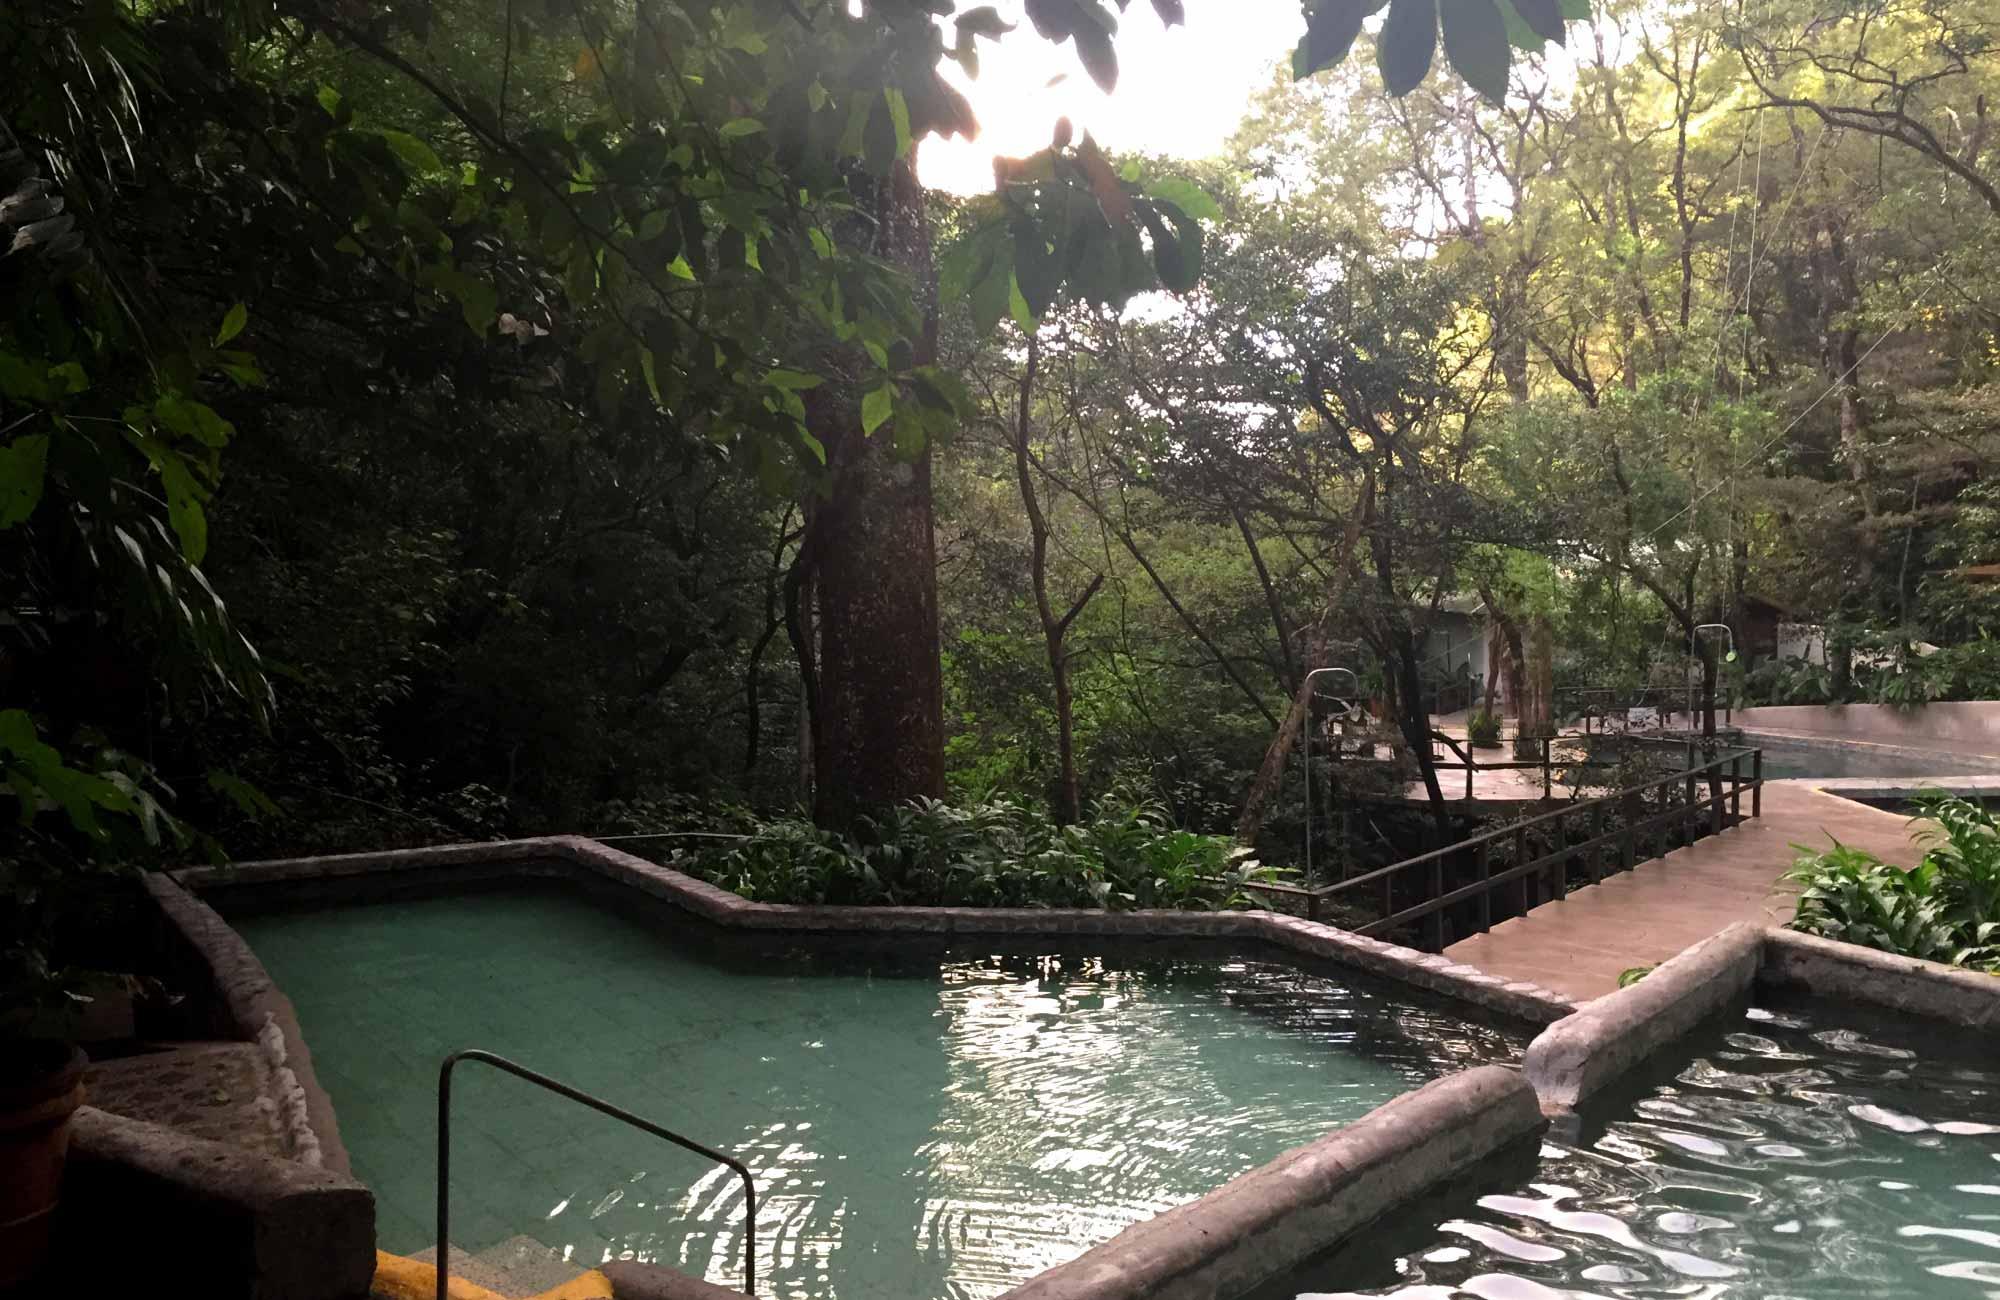 Voyage Costa Rica - Source Buena Vista Lodge Rincon de la Vieja - Amplitudes